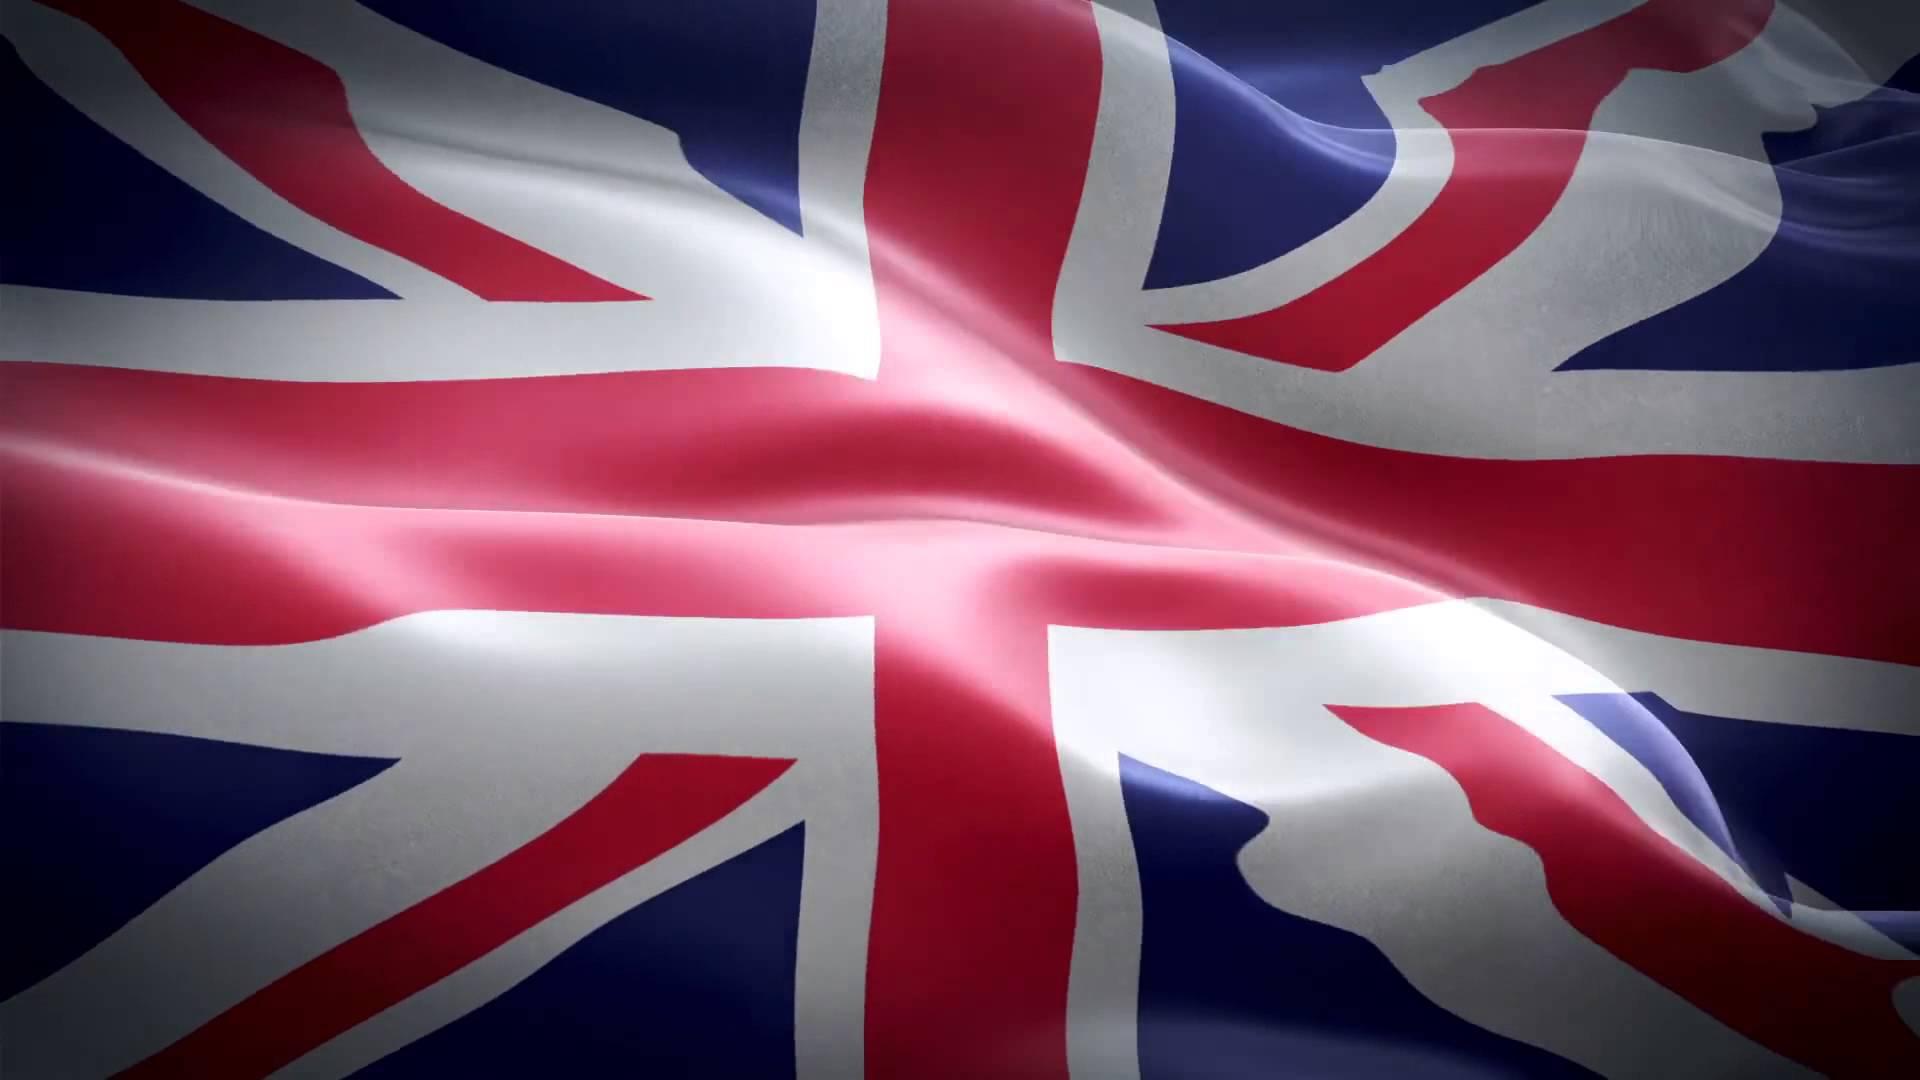 подробно английский флаг фото доброго времени